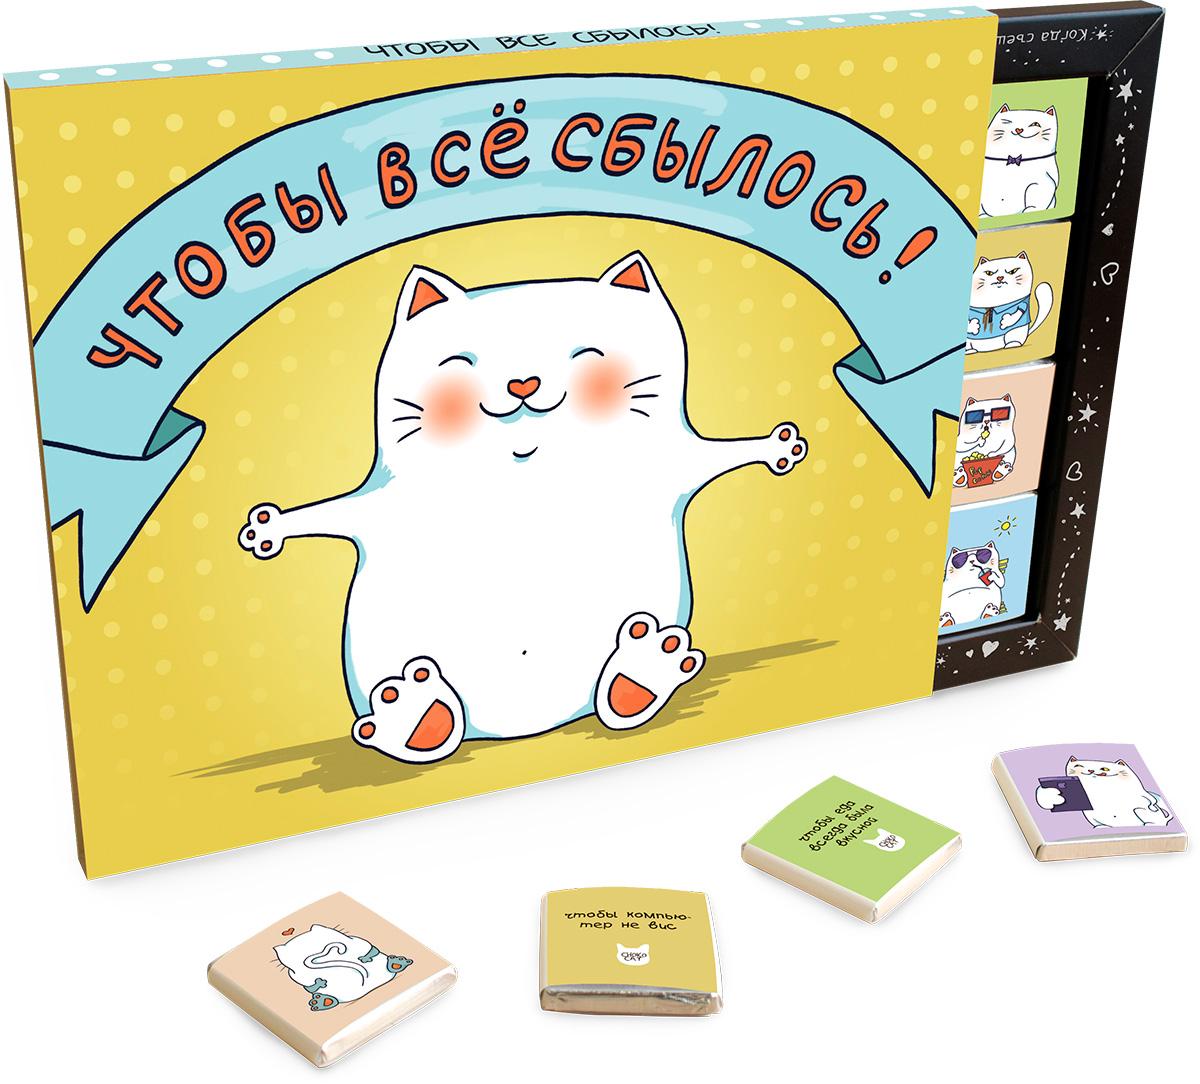 Chokocat Чтобы все сбылось молочный шоколад, 100 г шоколад молочный chokocat дед мороз и поросята 100 г